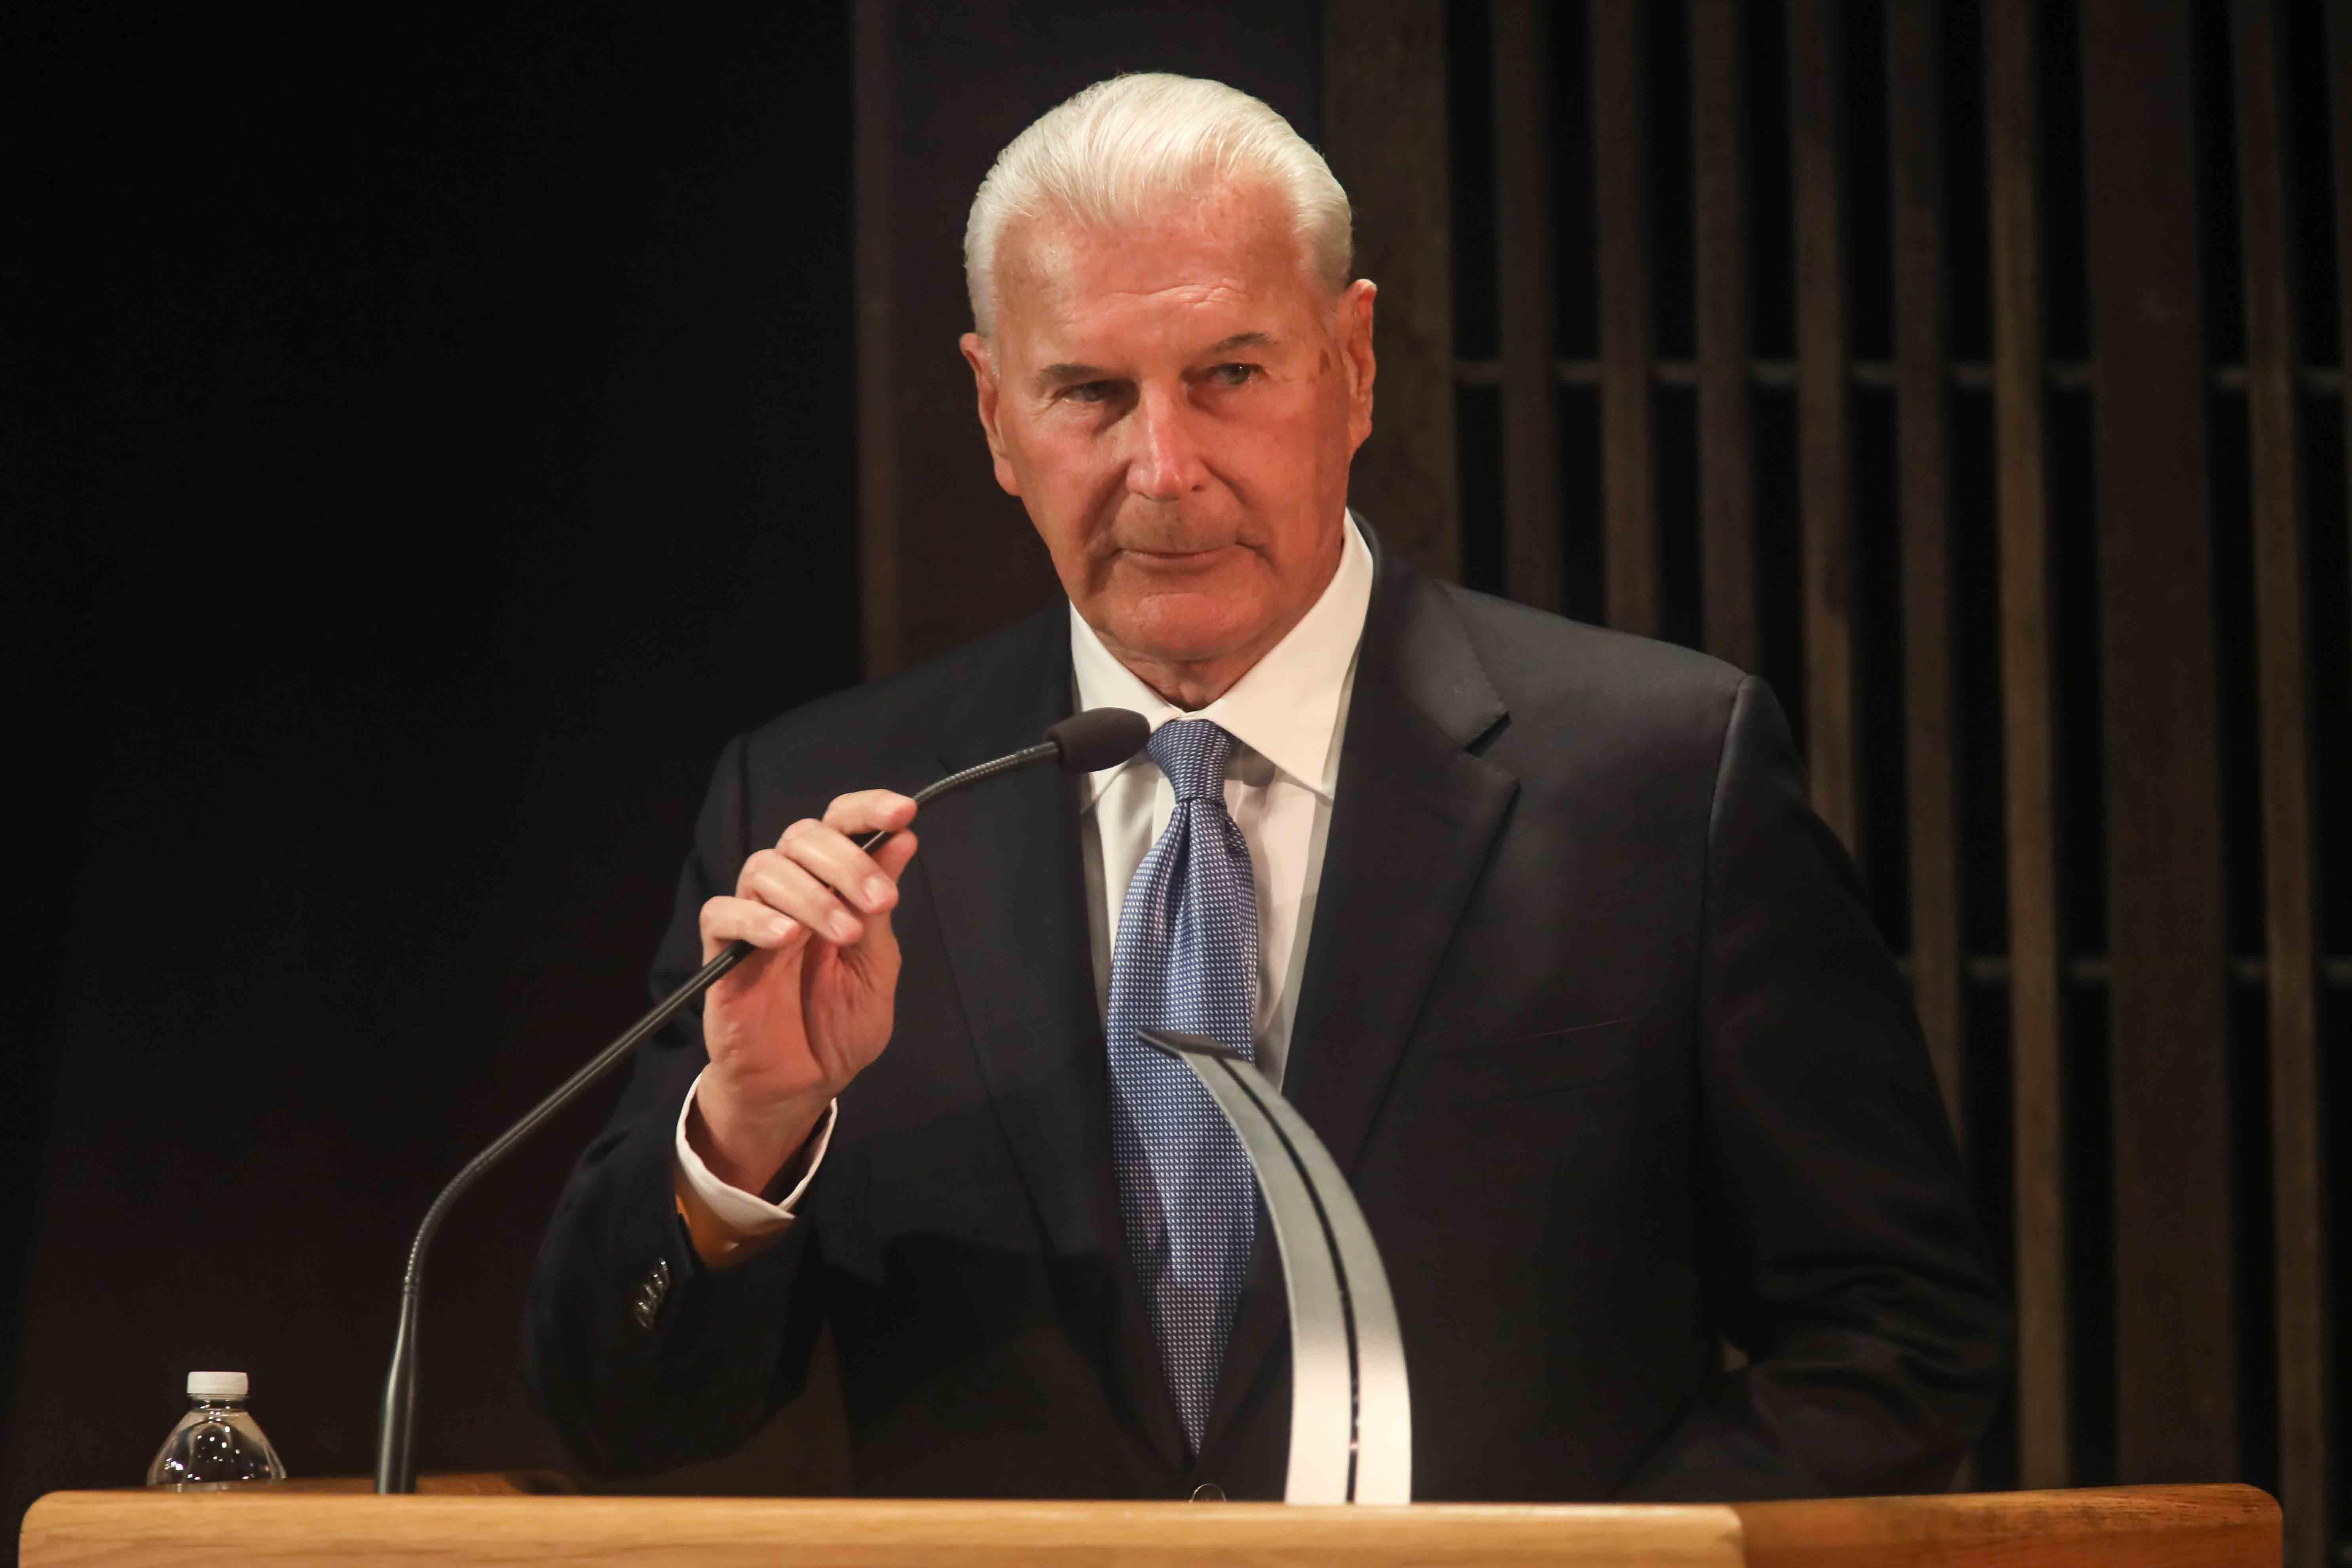 NEWS 2019 MAR 28 - Mayor Mike Purzycki budget address